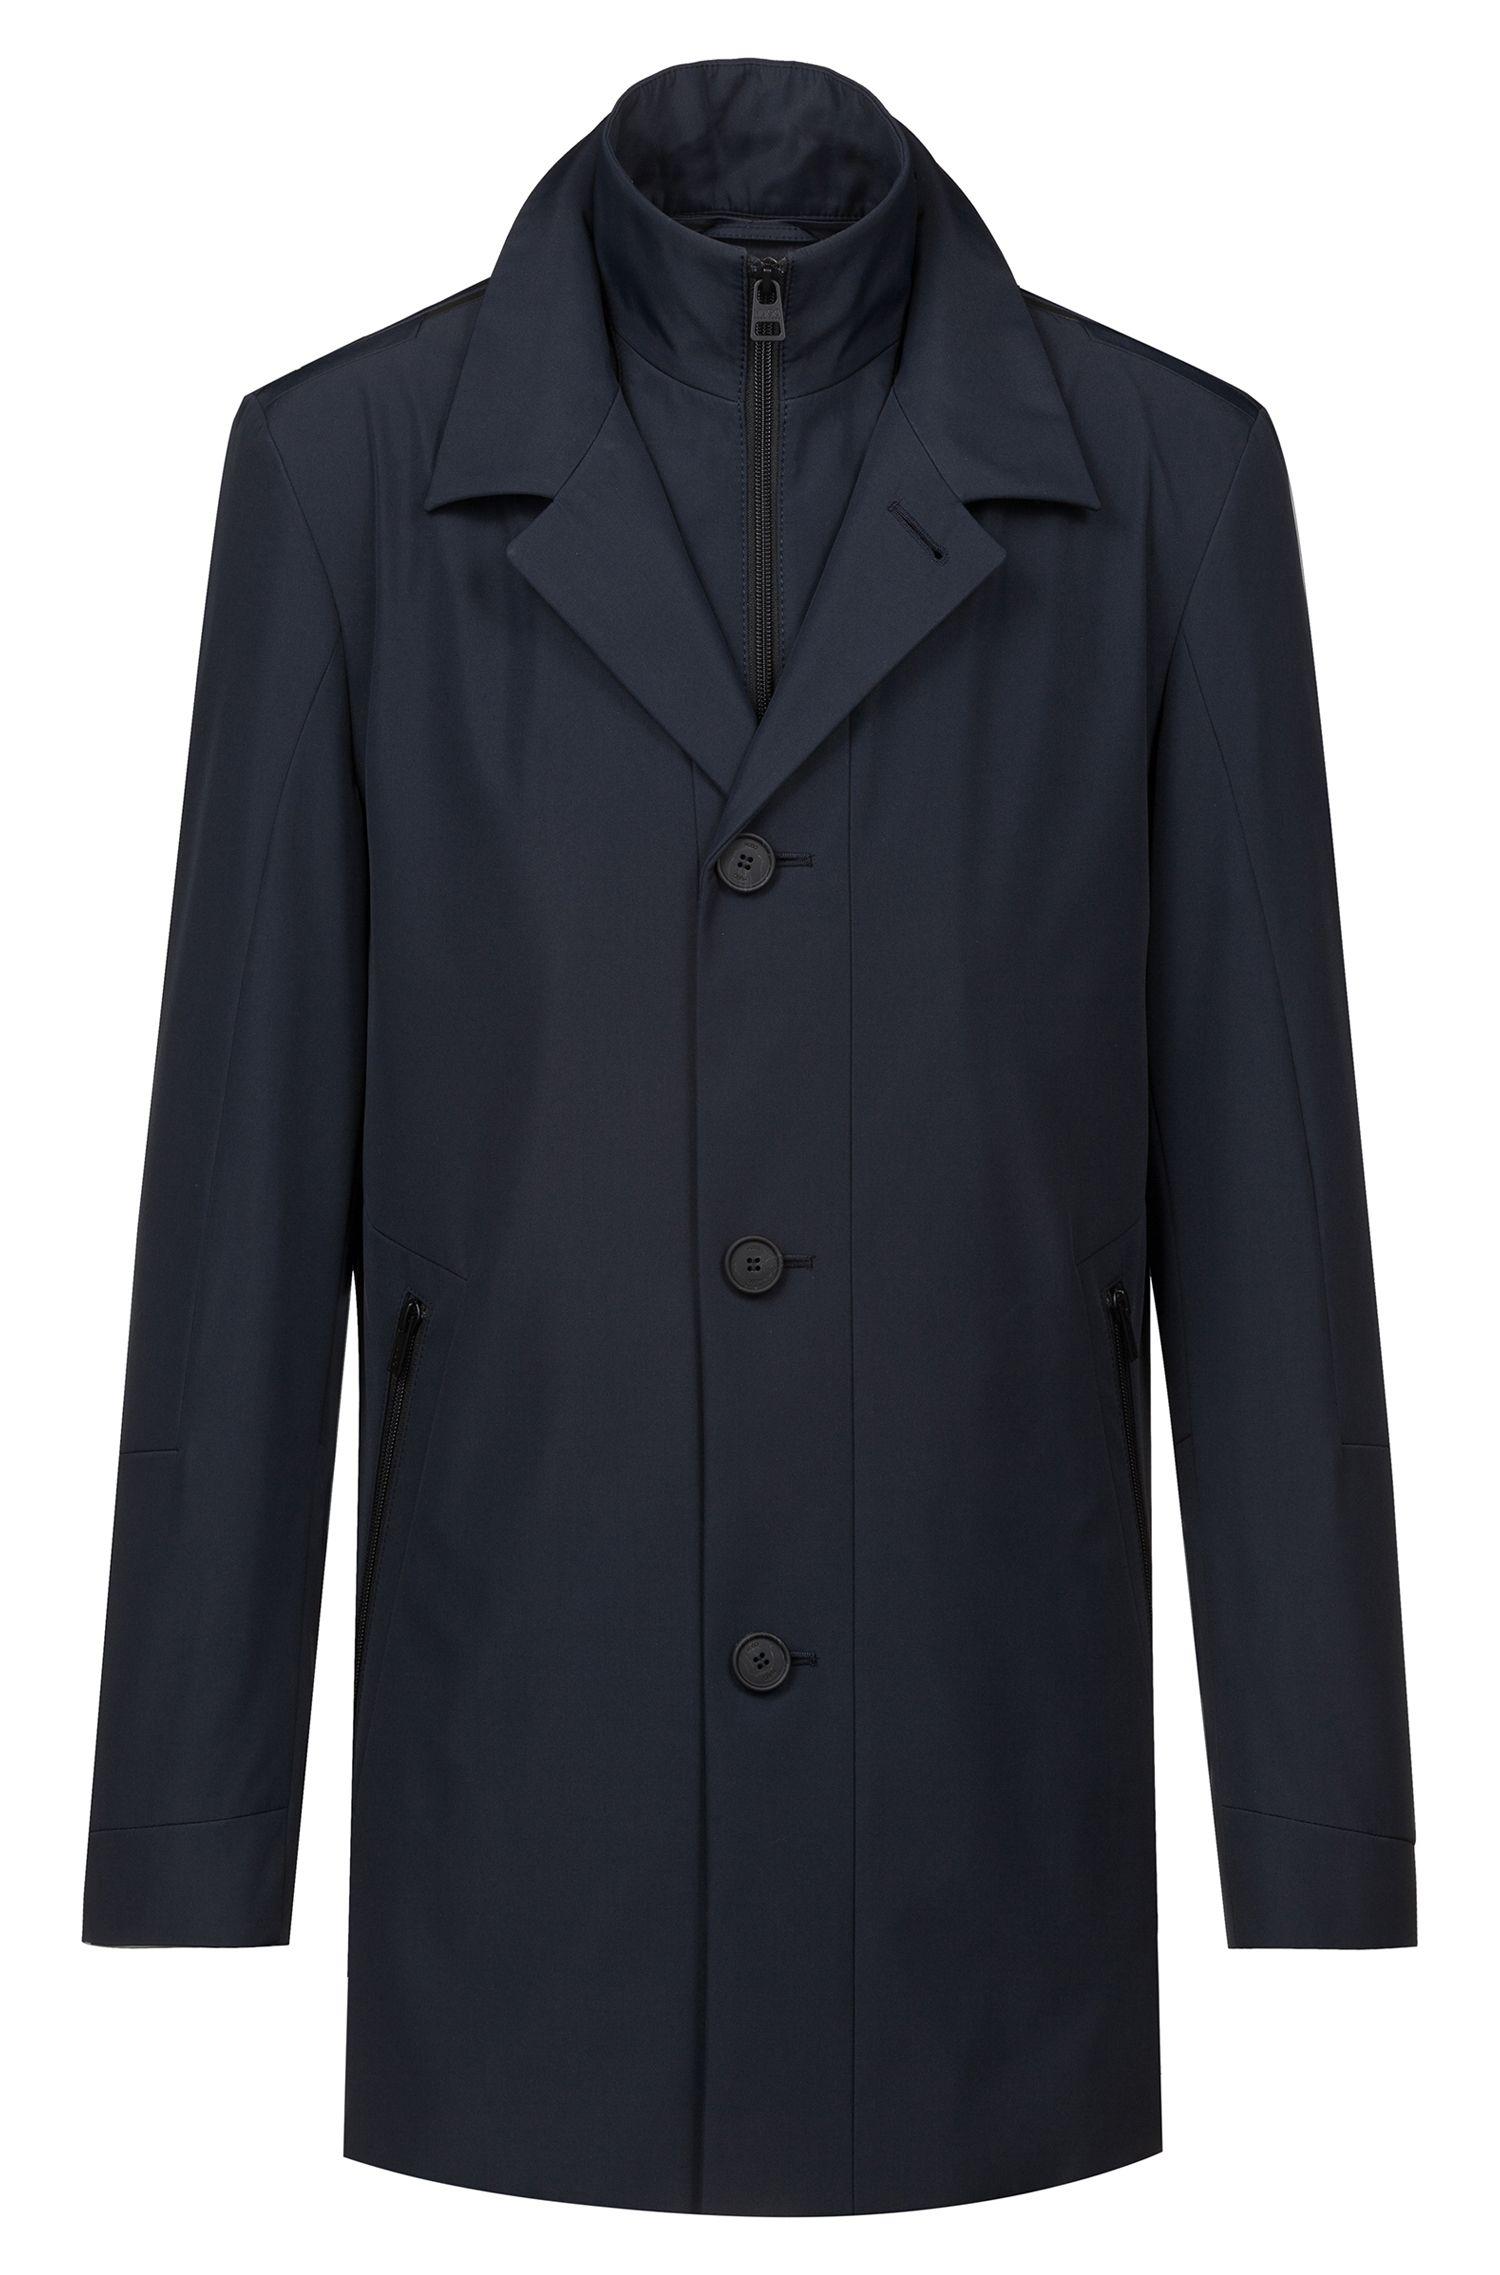 Waterafstotende mantel met uitneembare voering tot aan de opstaande kraag, Donkerblauw